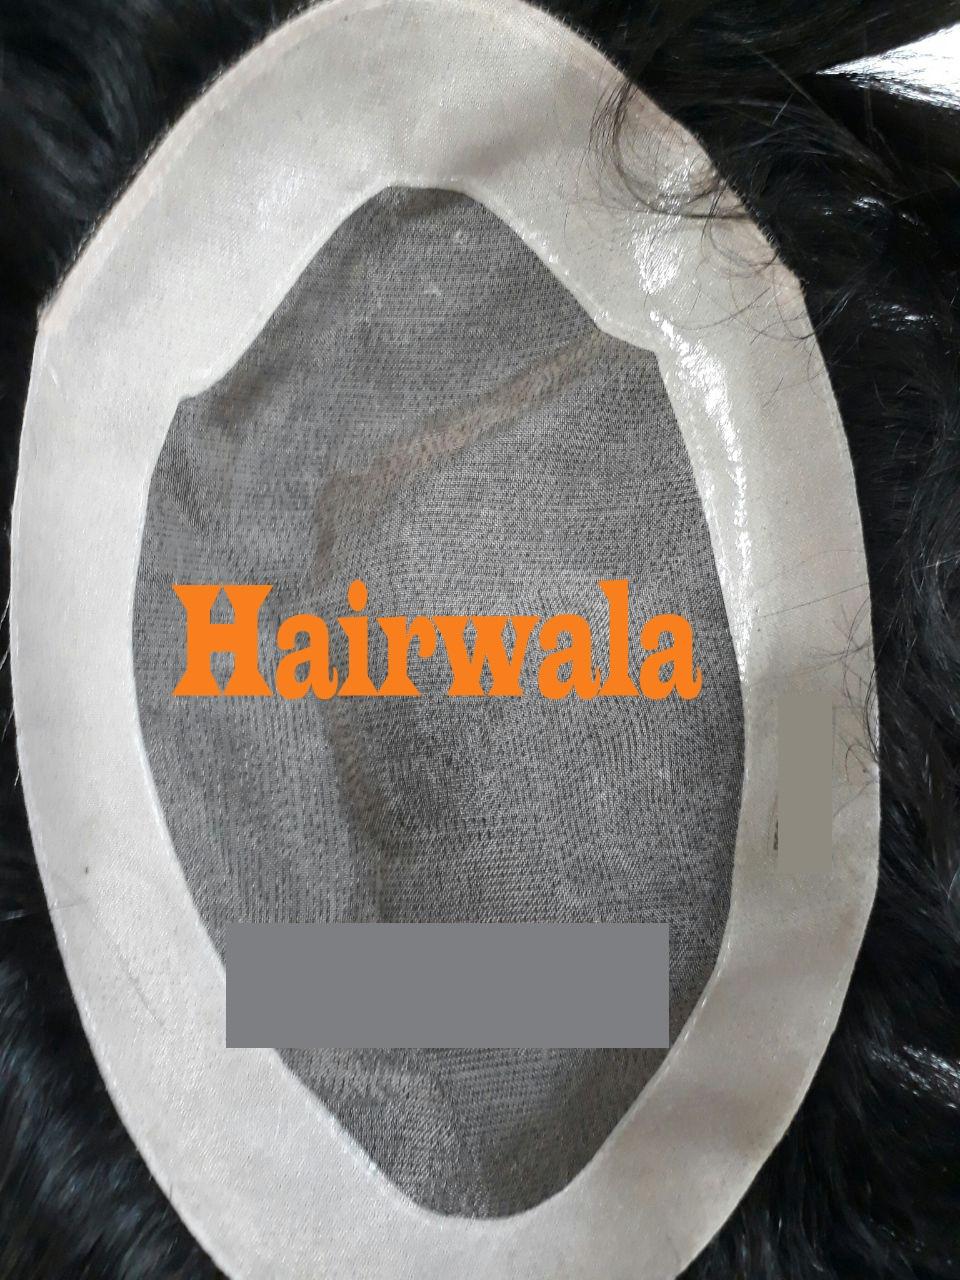 Hair Wig In Ahmedabad